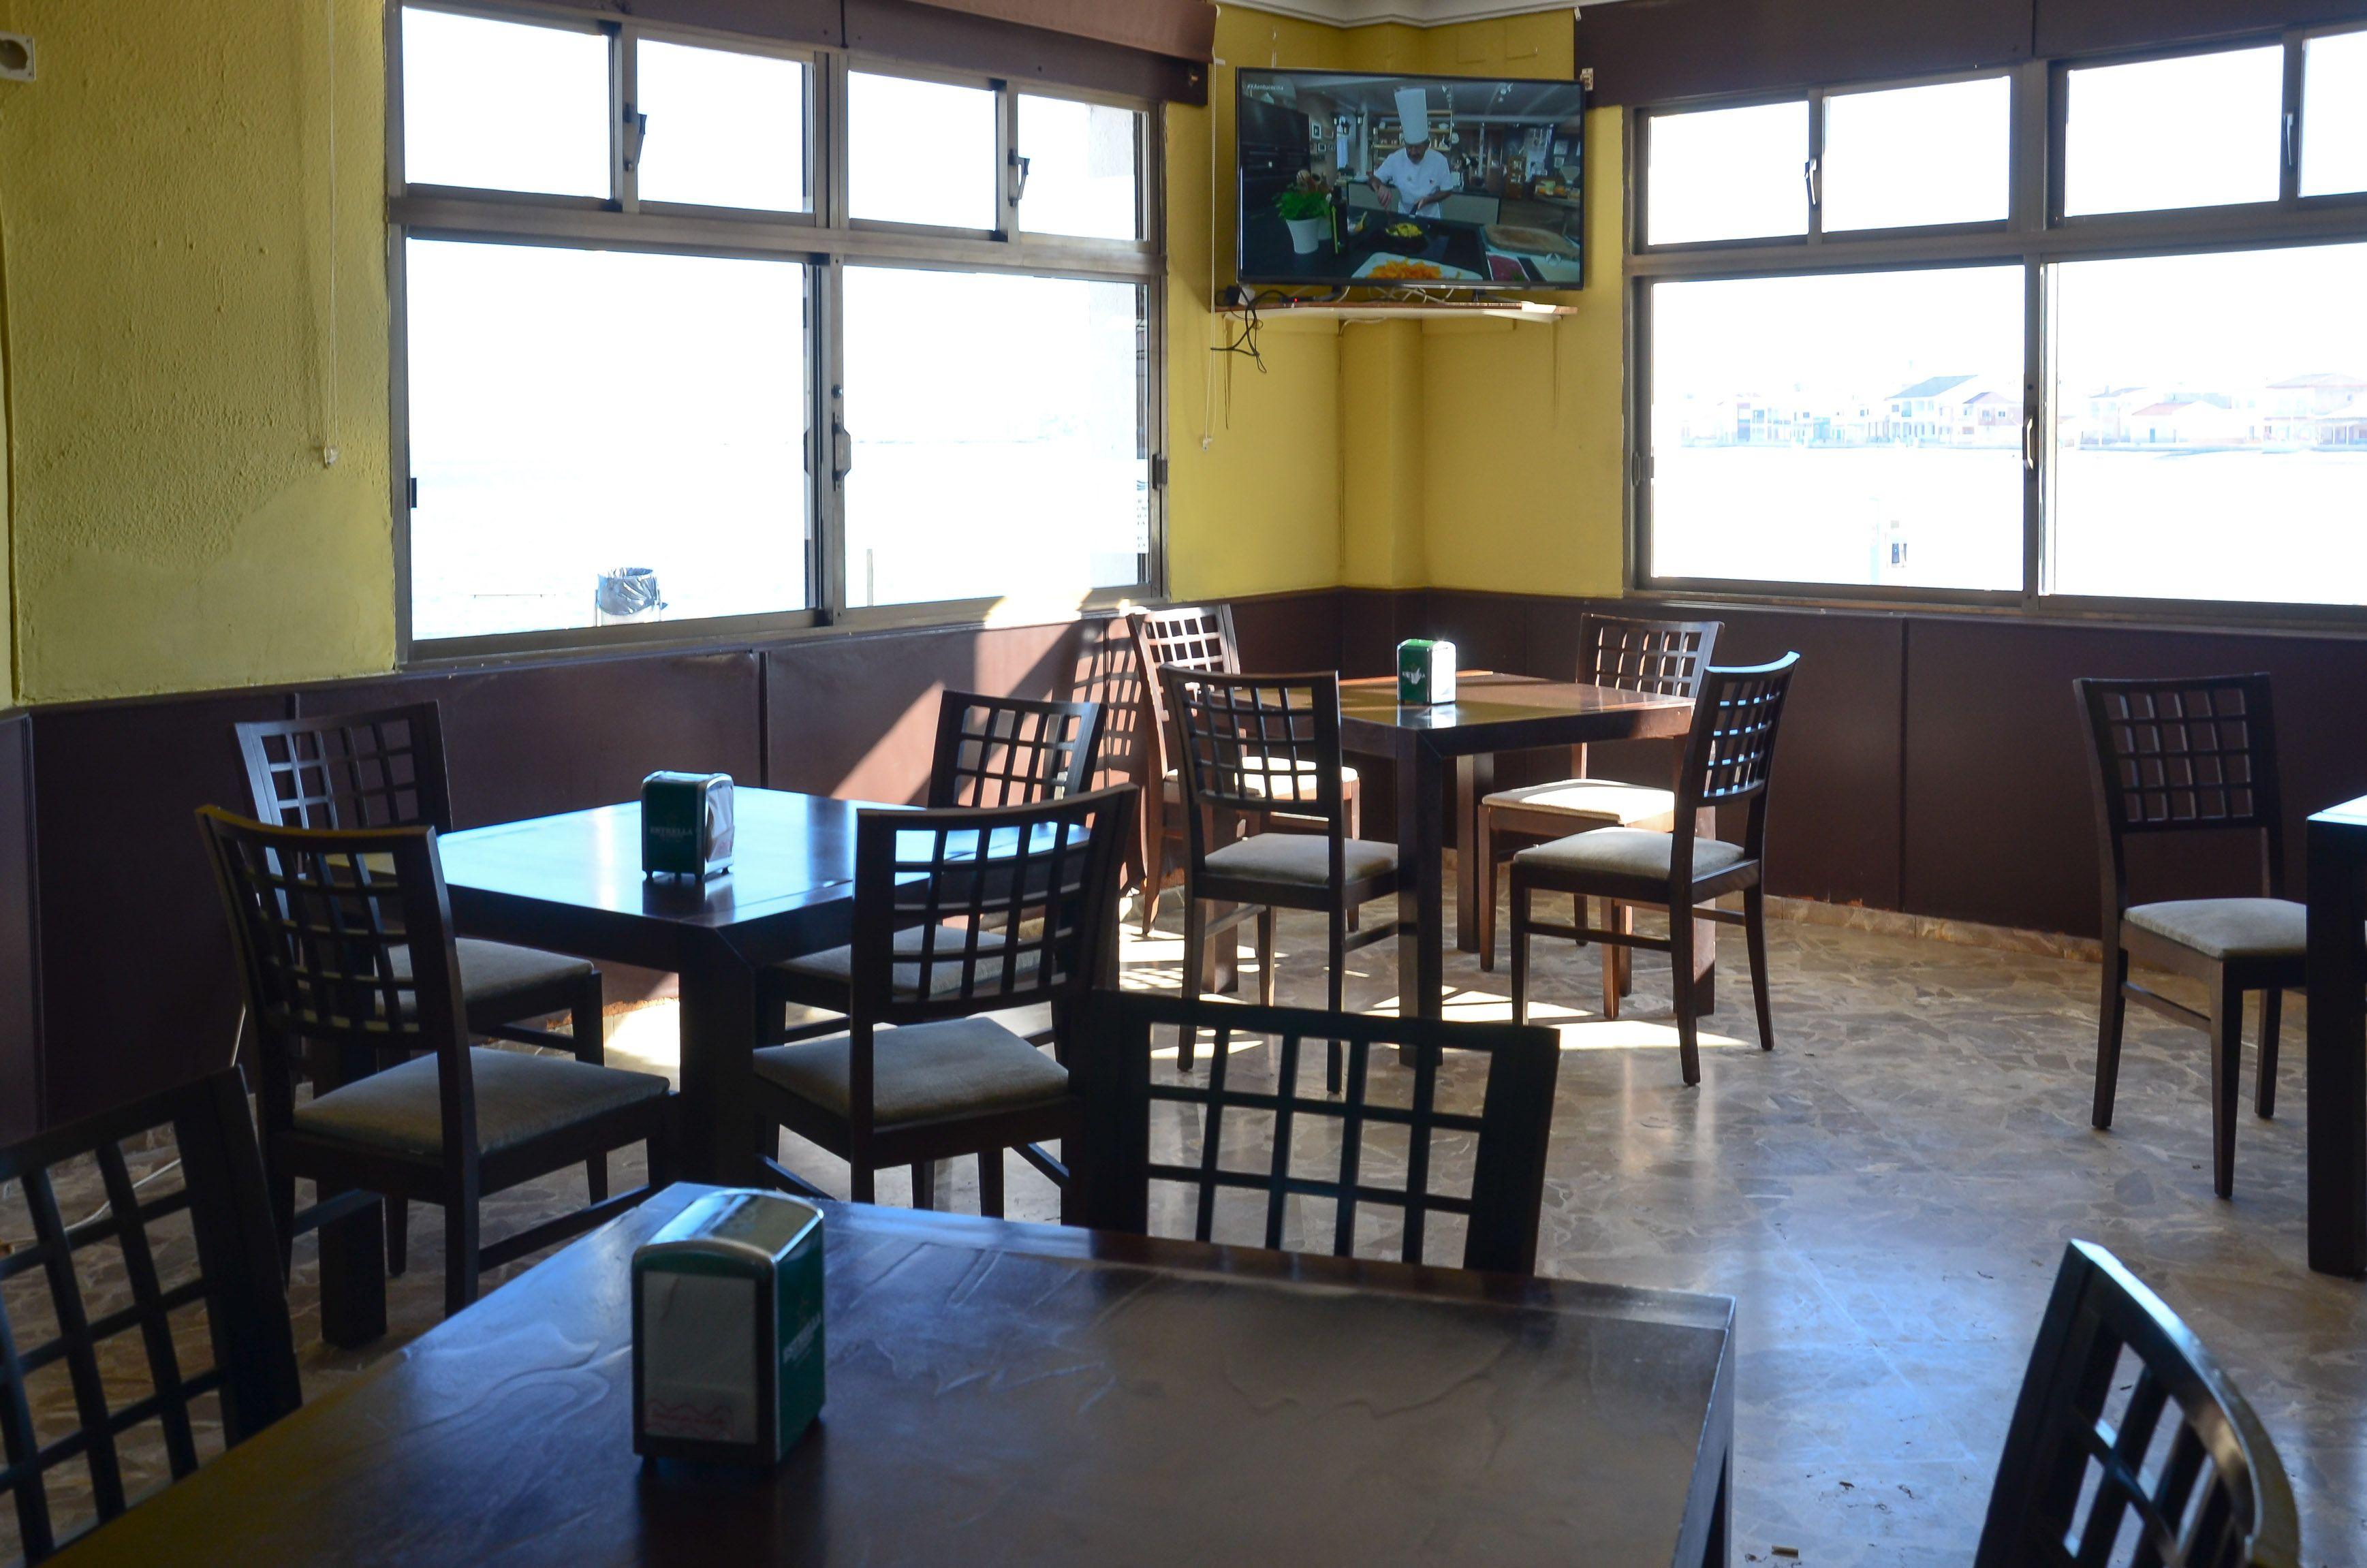 Foto 7 de International kitchen en Los Nietos | Restaurante Club Náutico Los Nietos